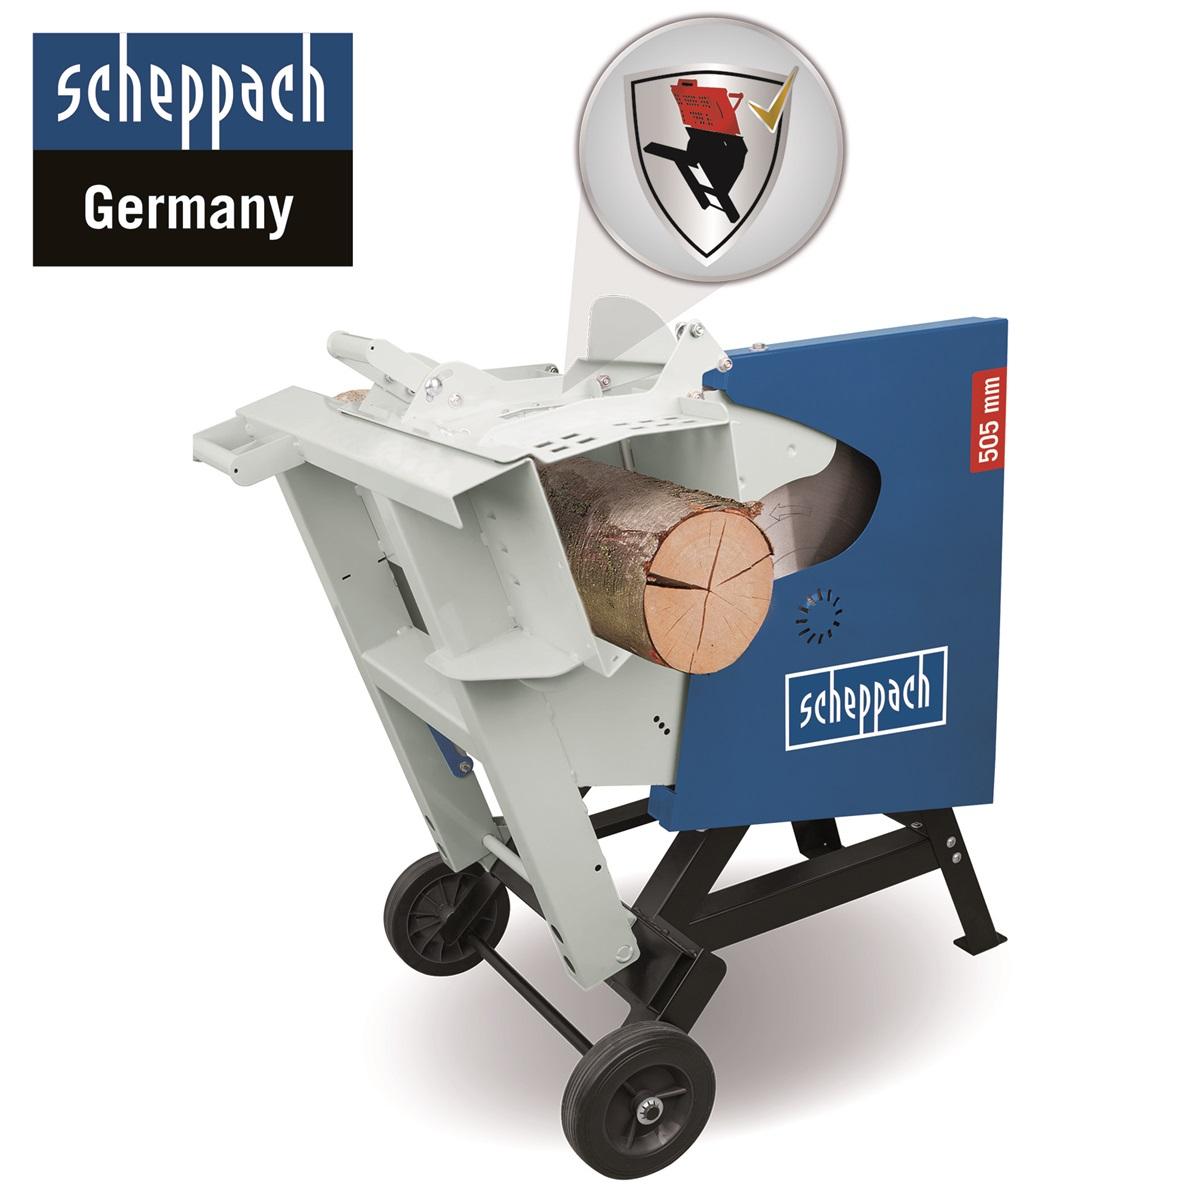 Scheppach HS 520 kolébková pila/cirkulárka 380 V